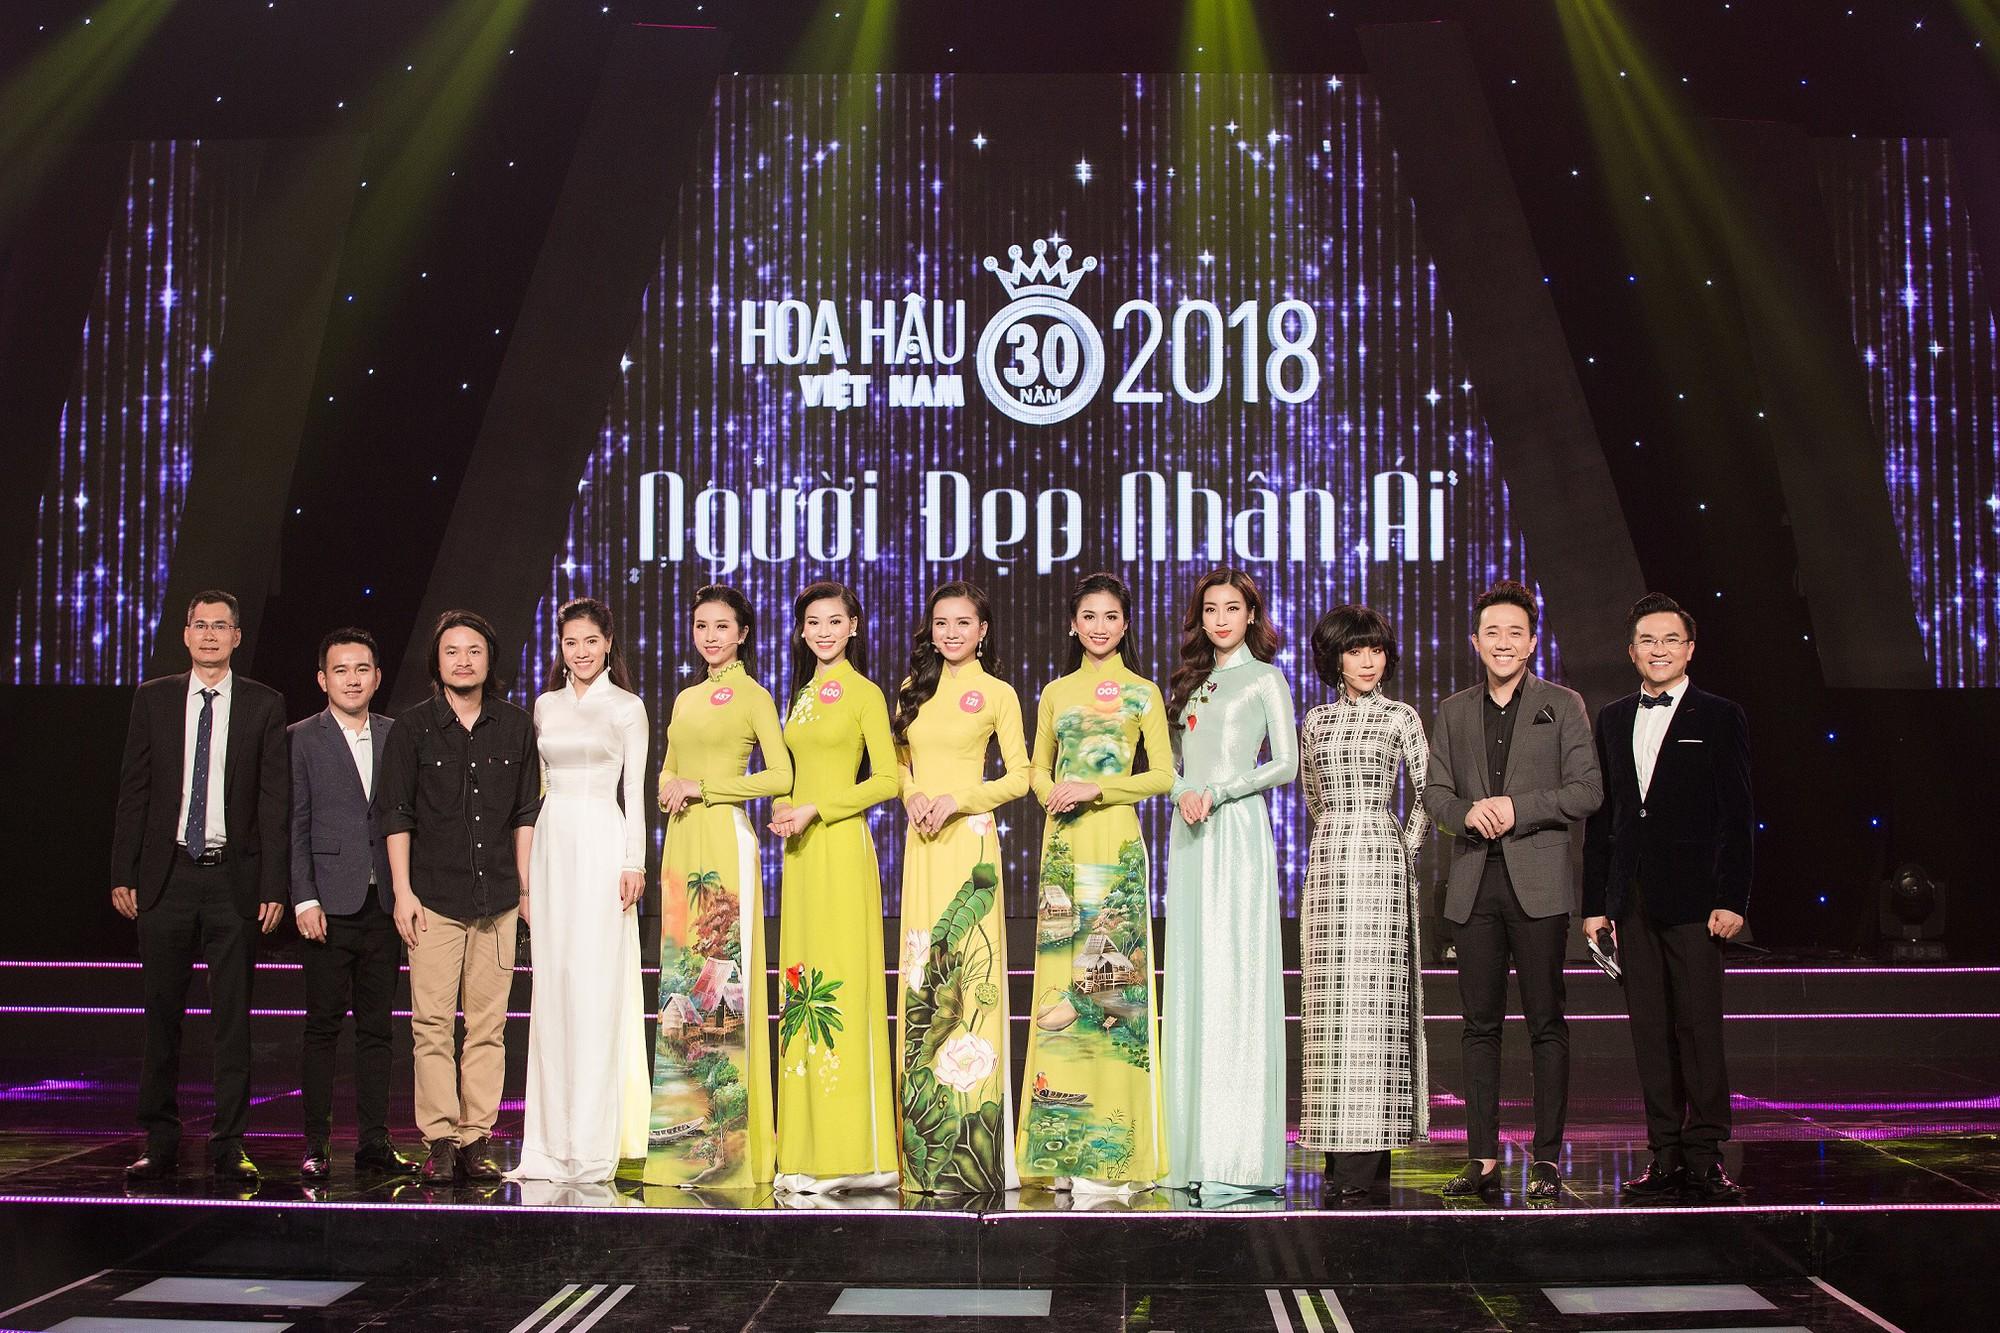 Hoa hậu Việt Nam 2018 - Người đẹp nhân ái không có chỗ để diễn sâu - Ảnh 2.